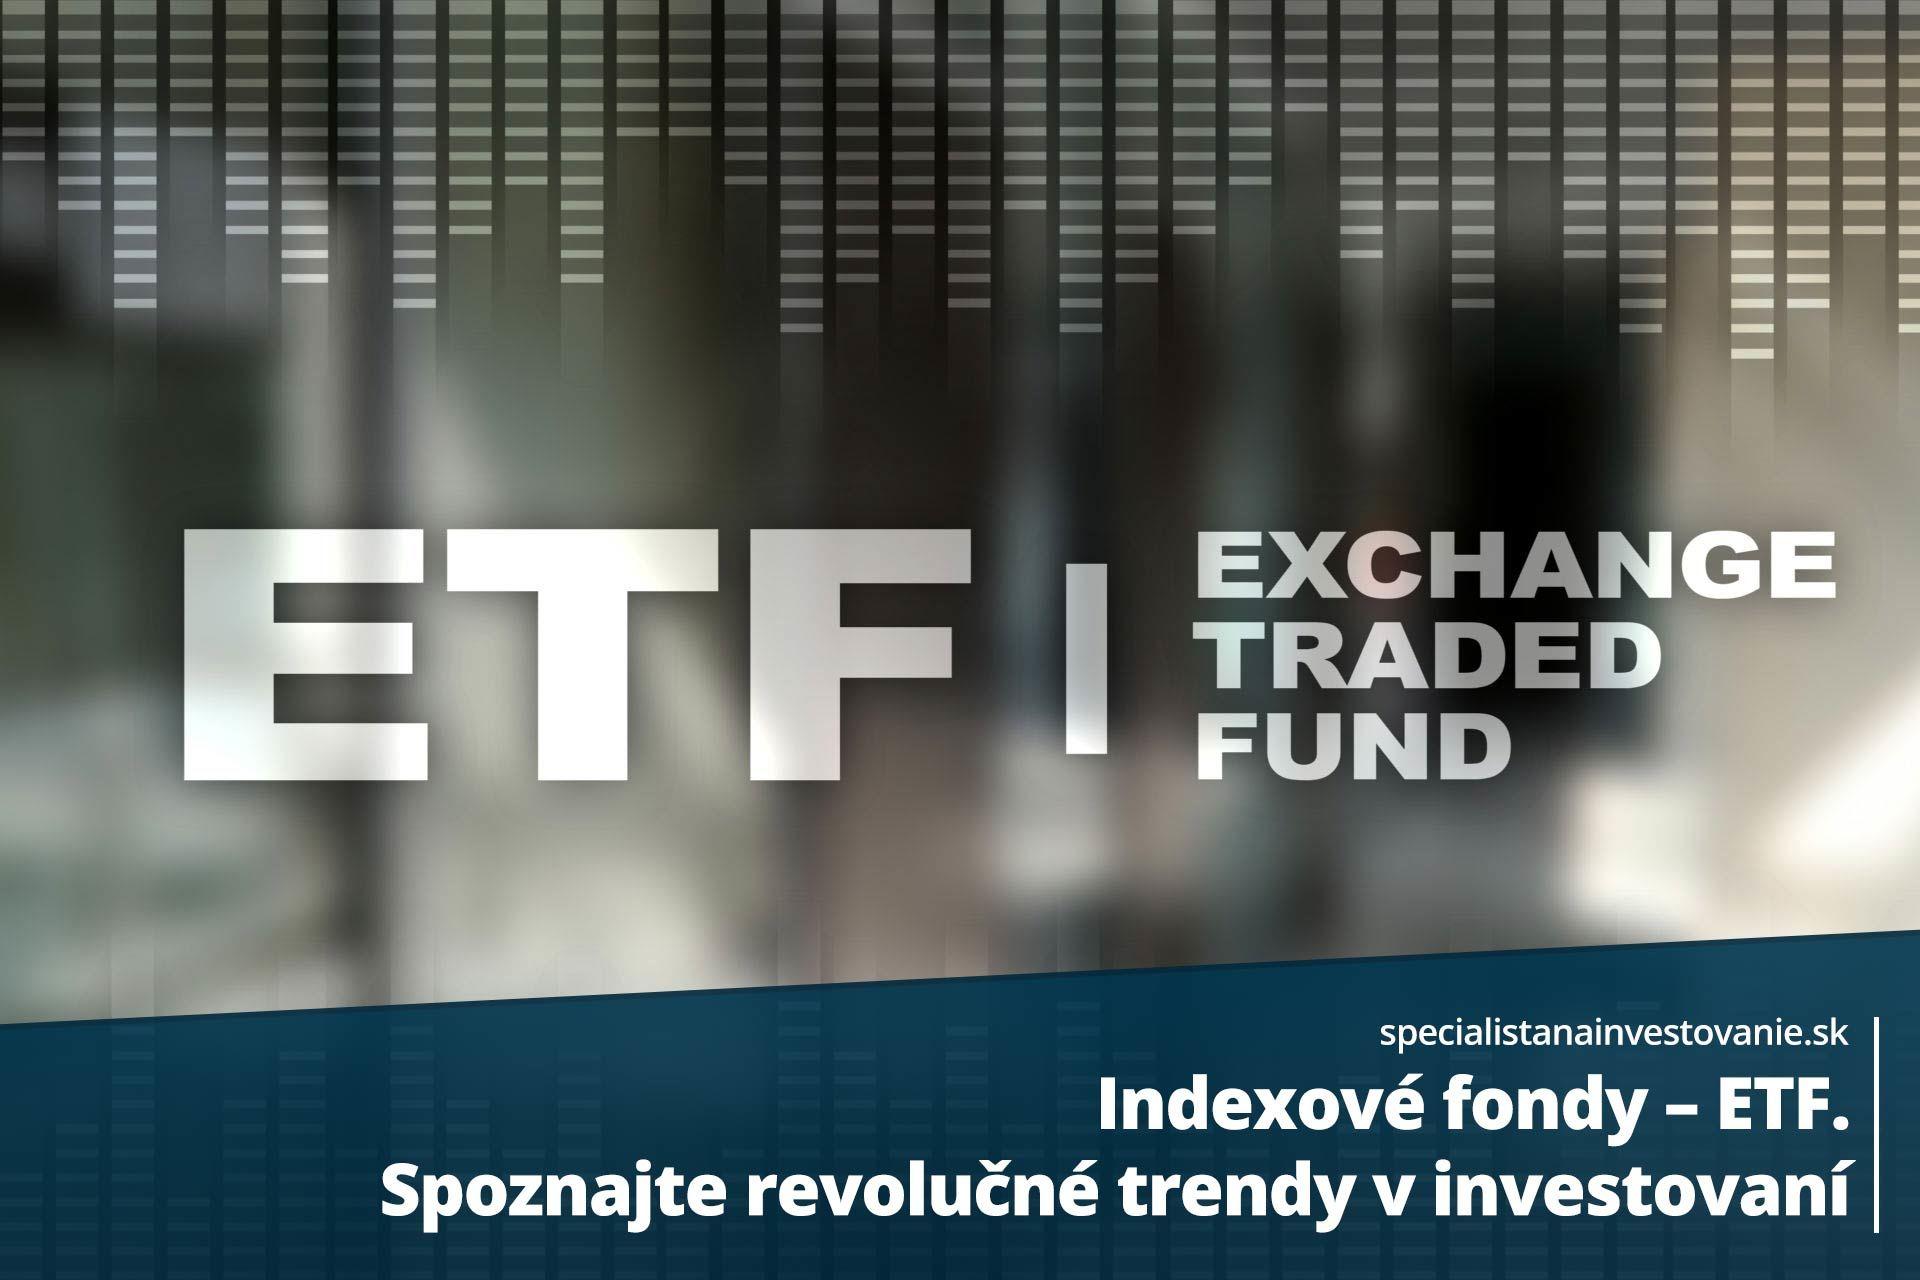 čo sú Indexové fondy ETF